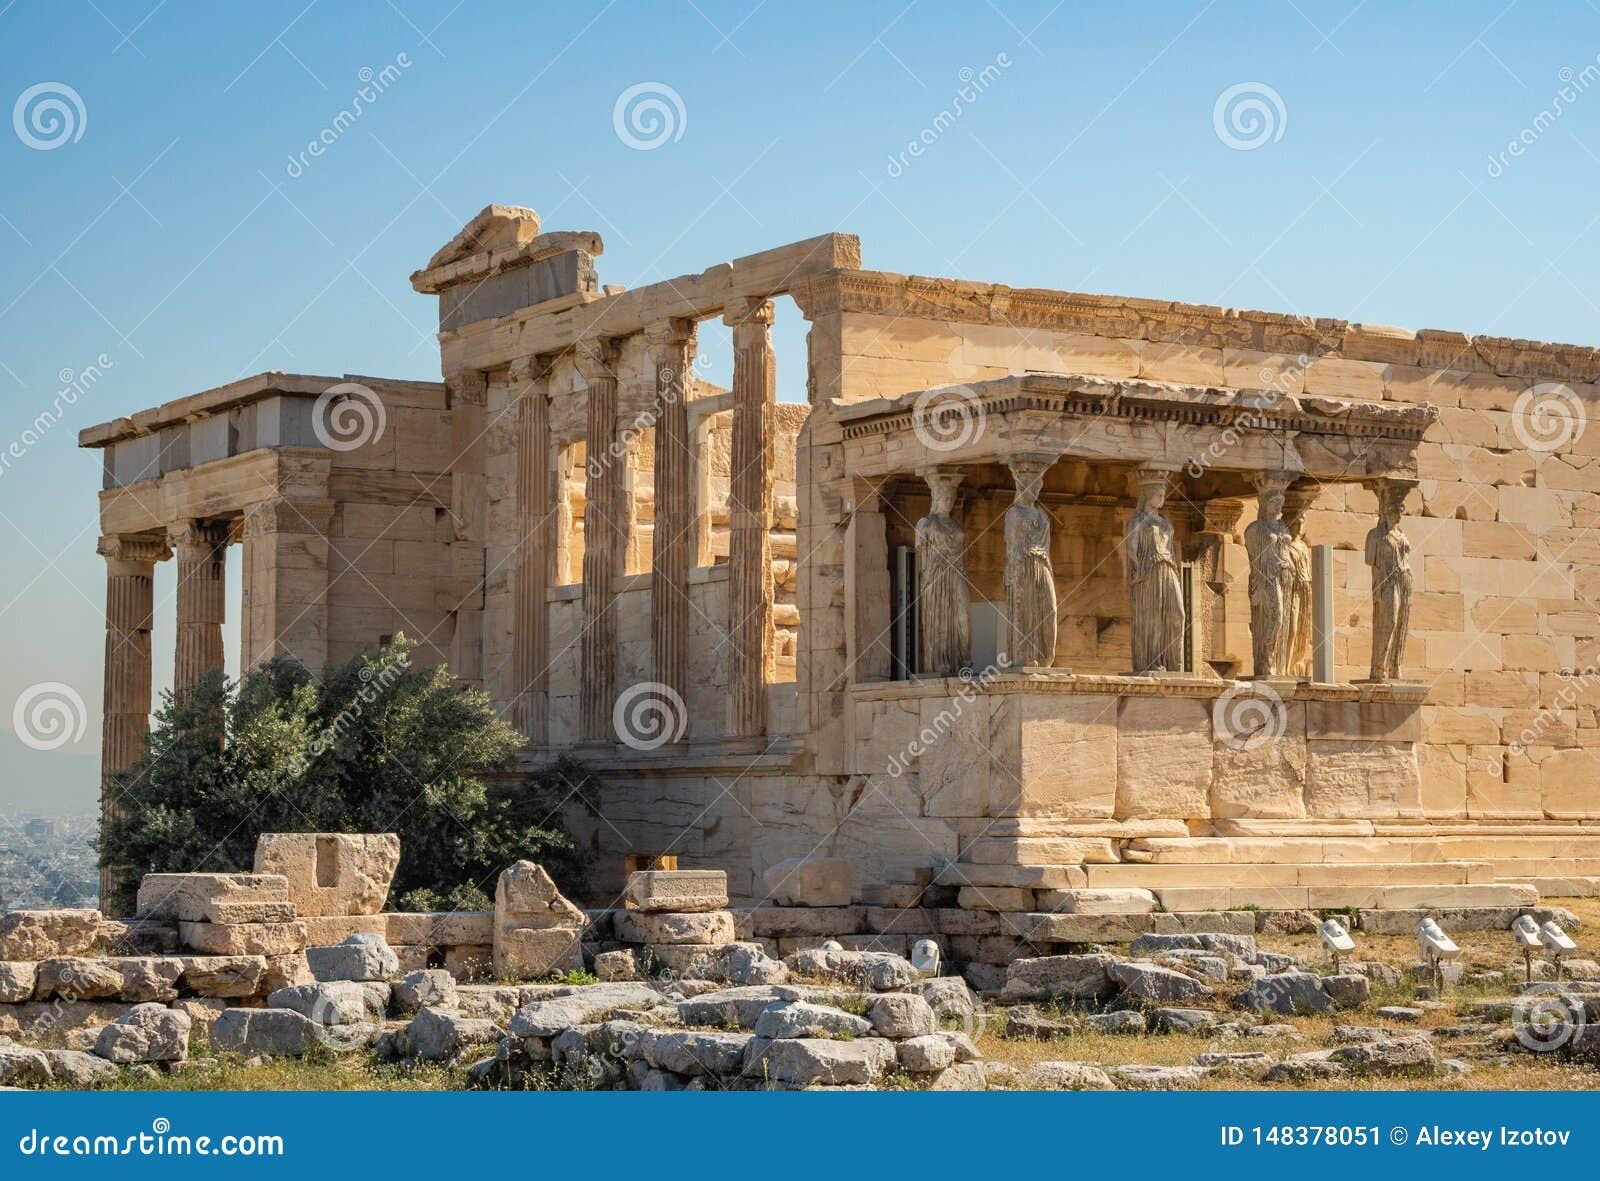 Erechtheion - um templo do grego clássico com um pórtico e as seis cariátides, construídos em honra de Atenas e de Poseidon, Gréc